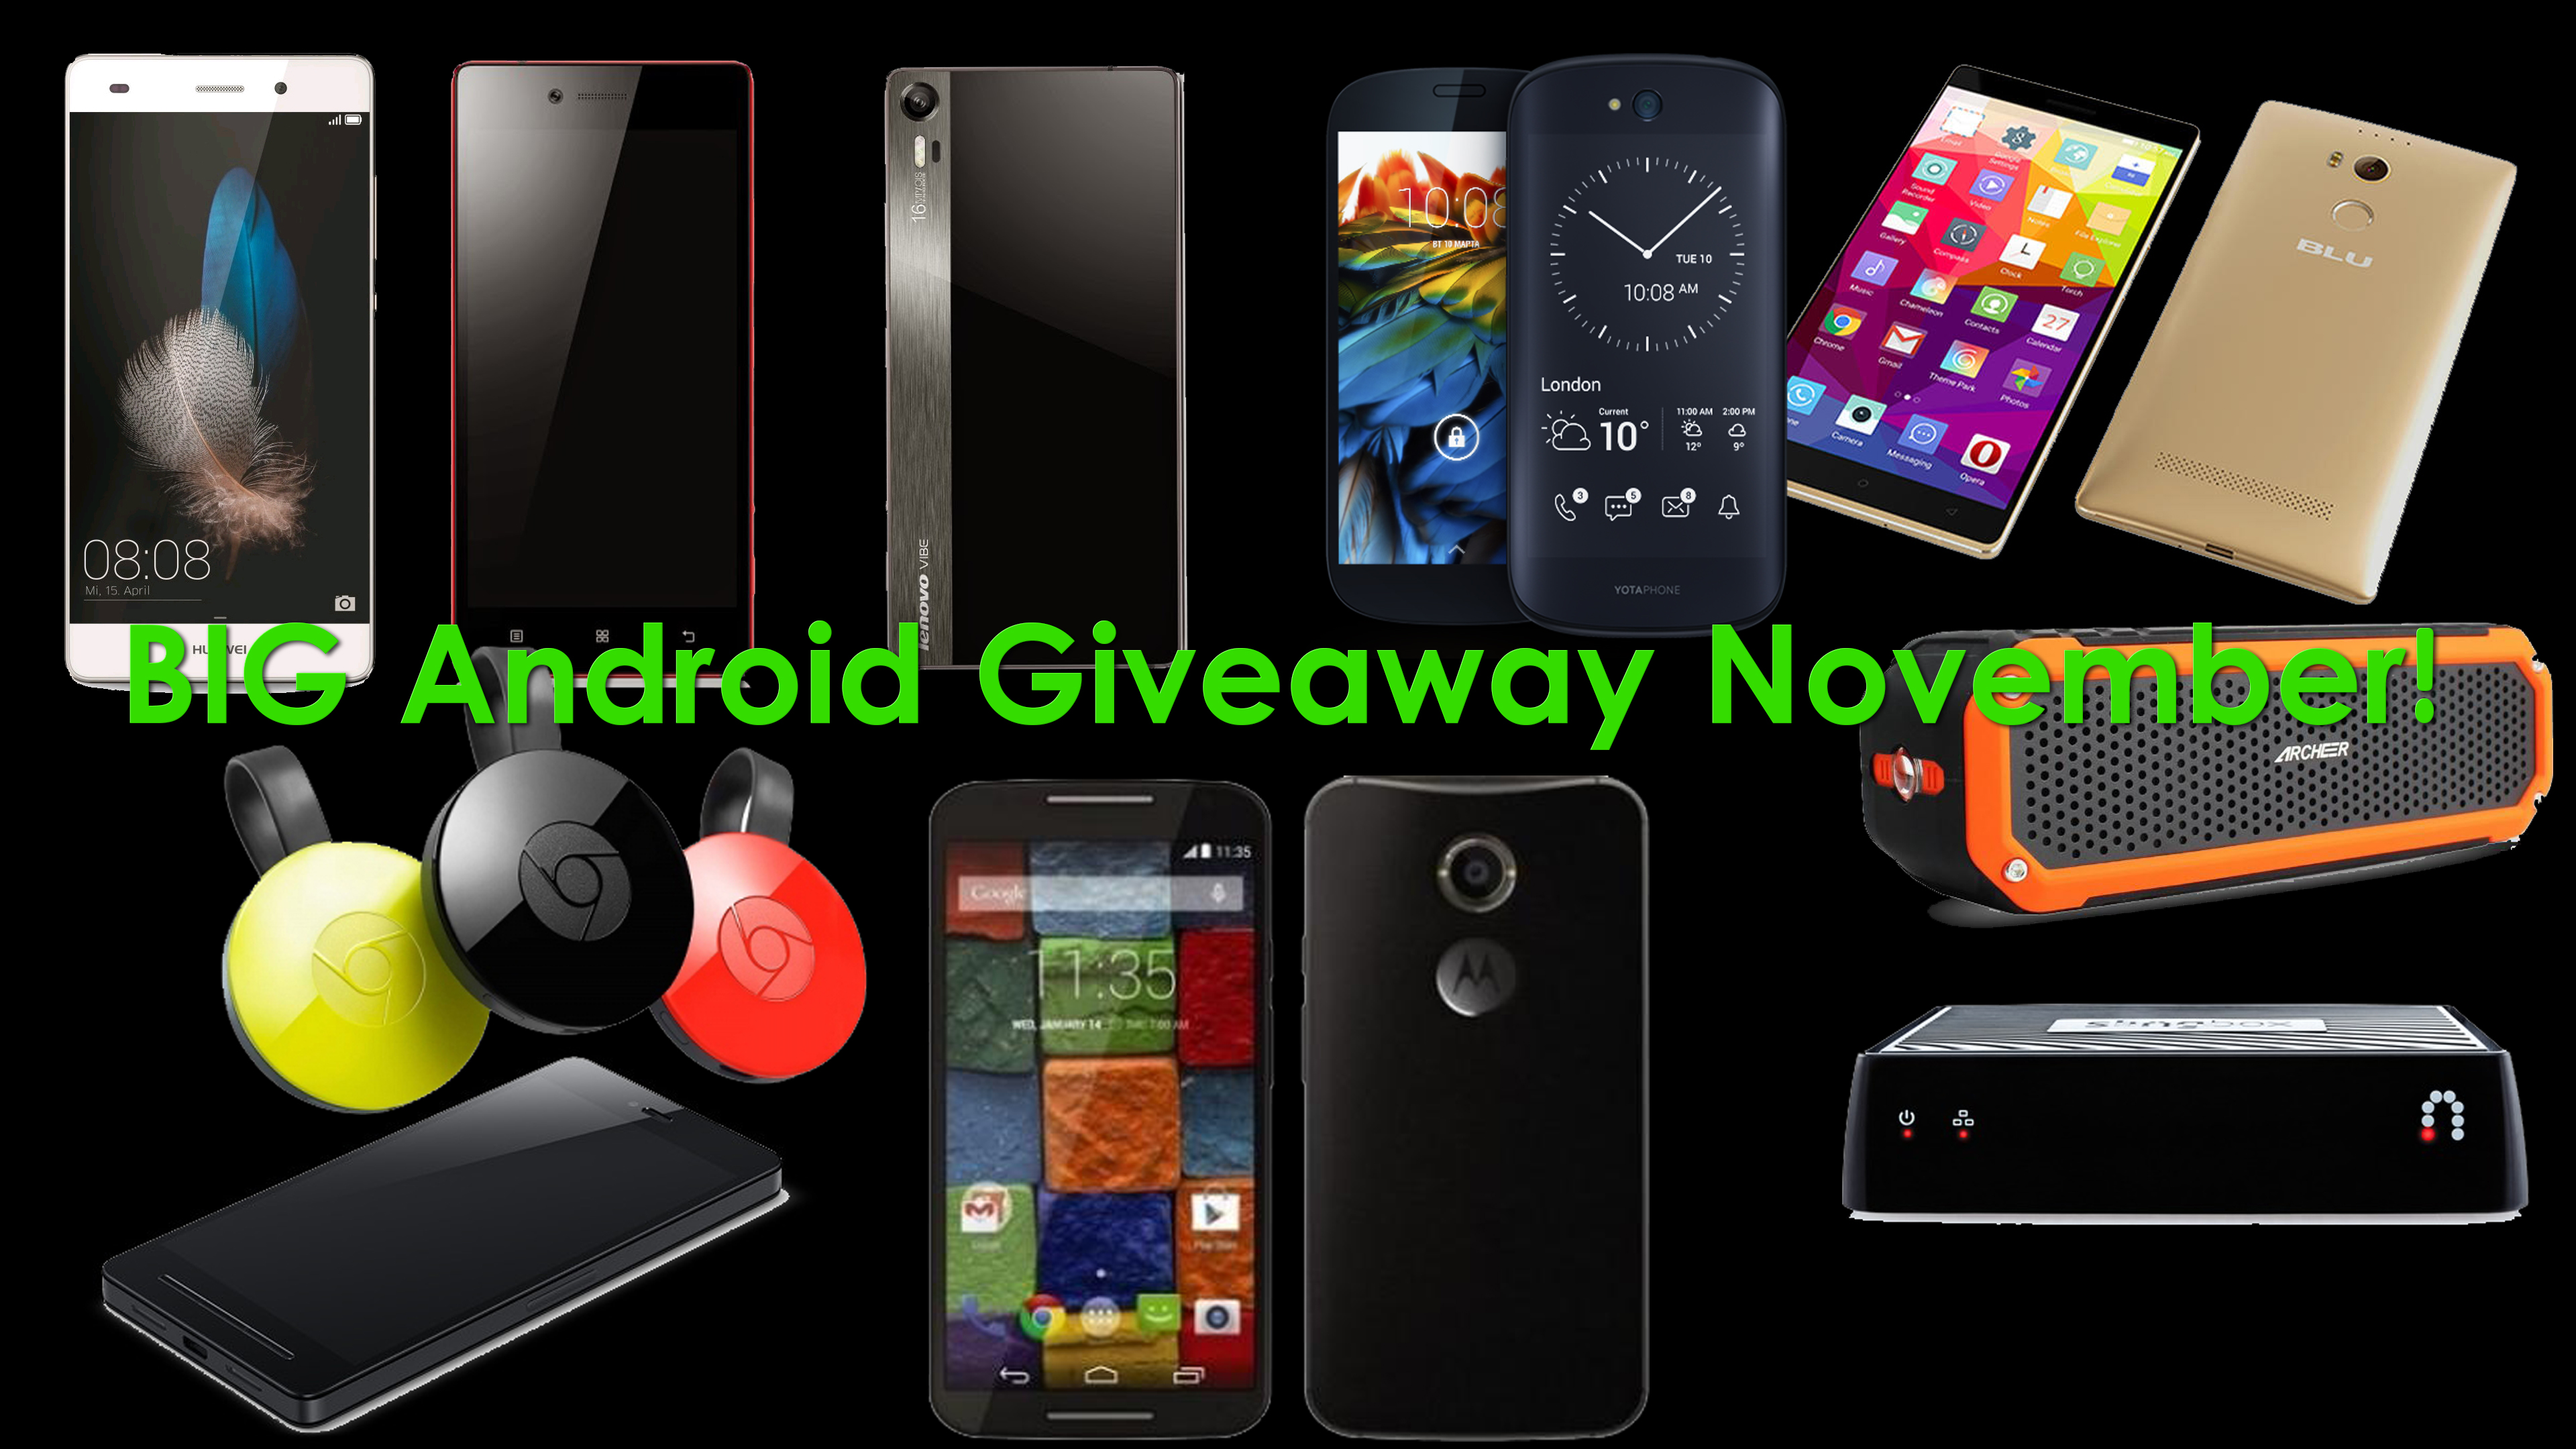 BIG Android November Giveaway!